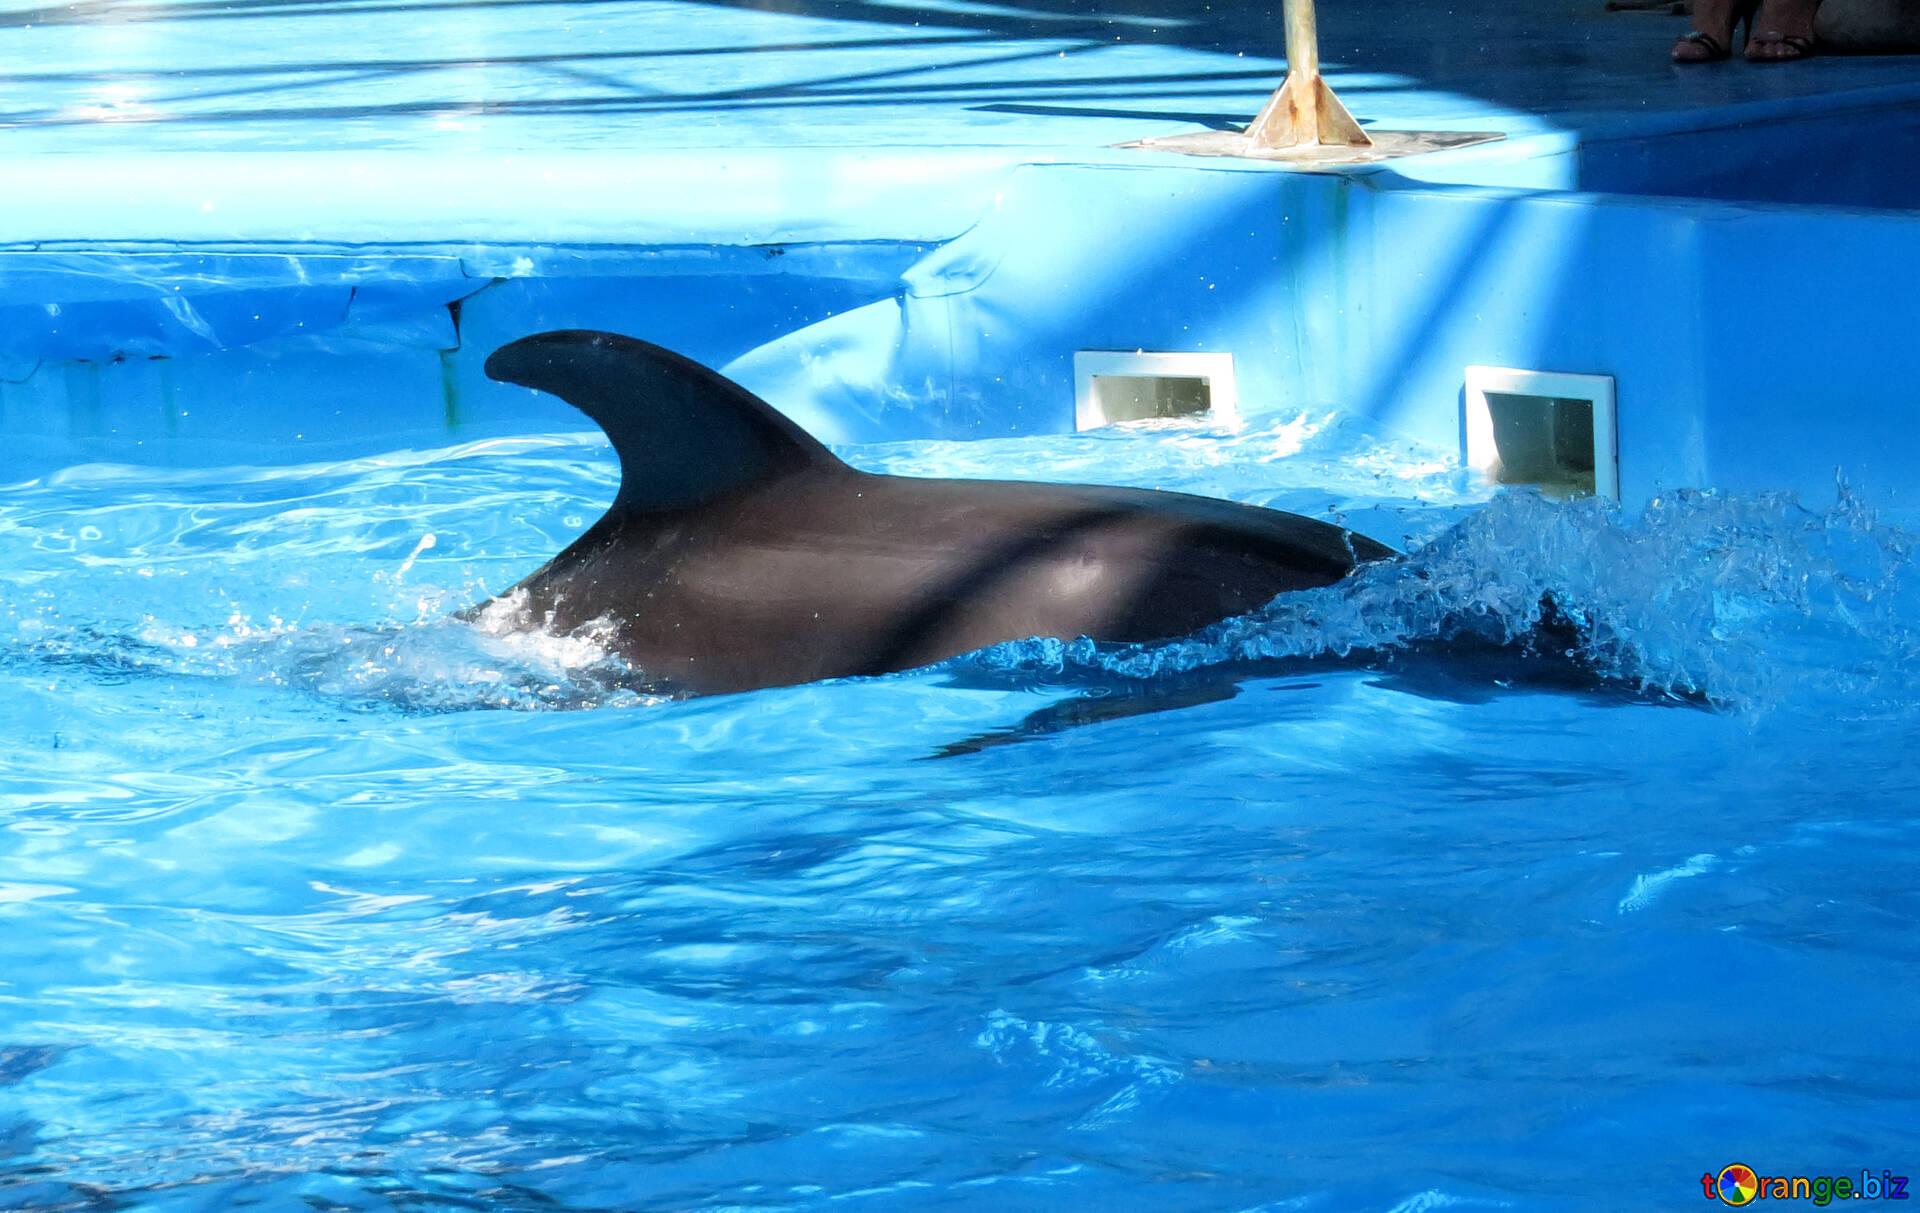 Фото вагина дельфина, Половые органы дельфинов: описание 22 фотография